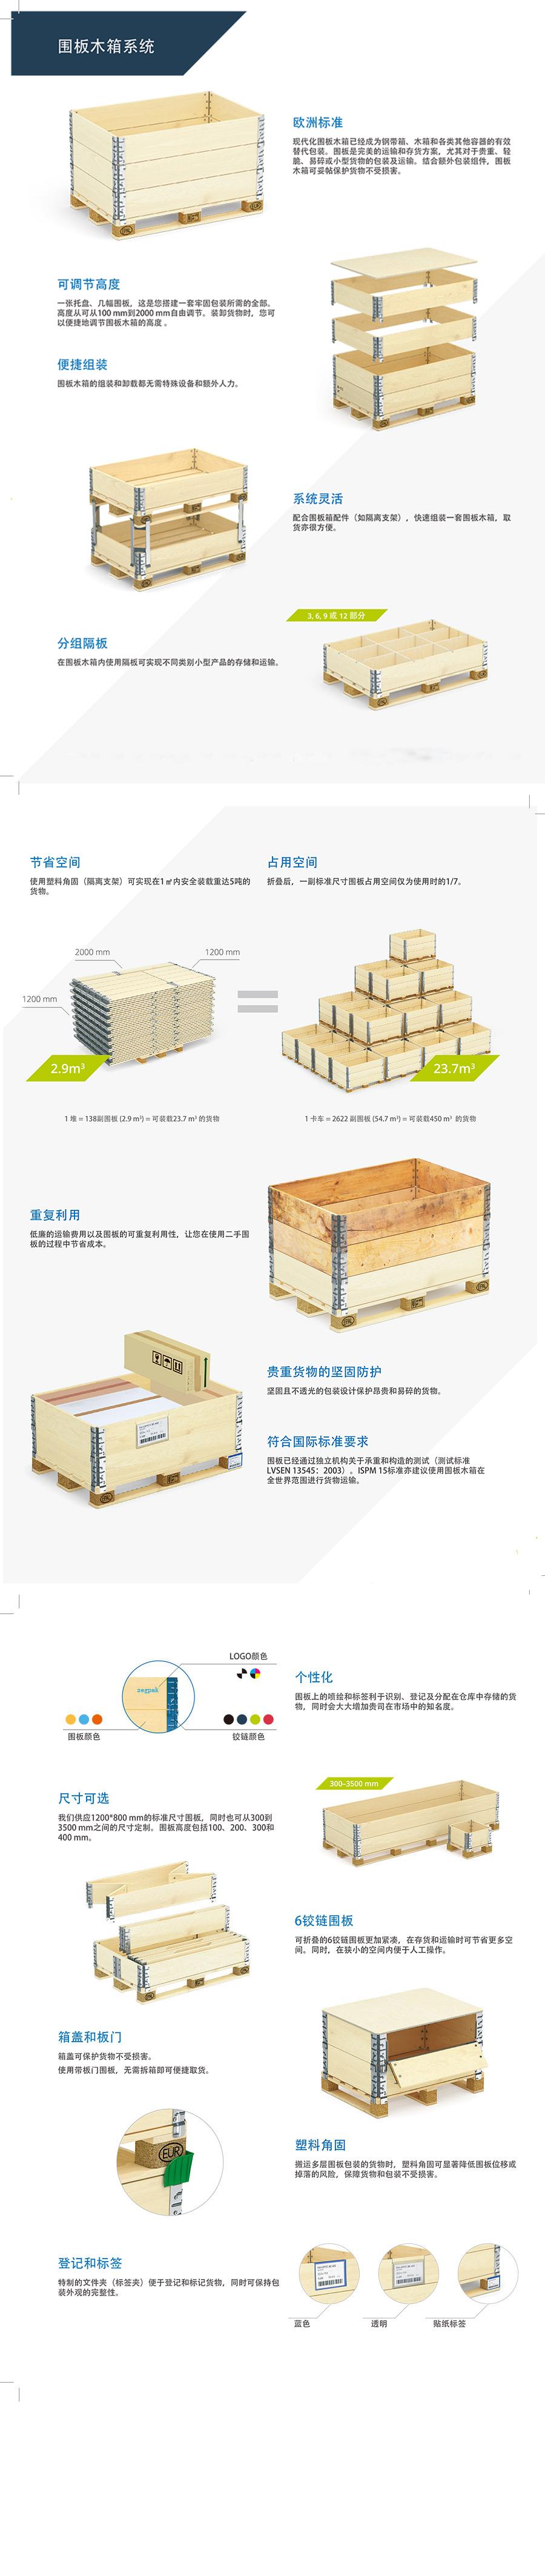 围板木箱宣传册